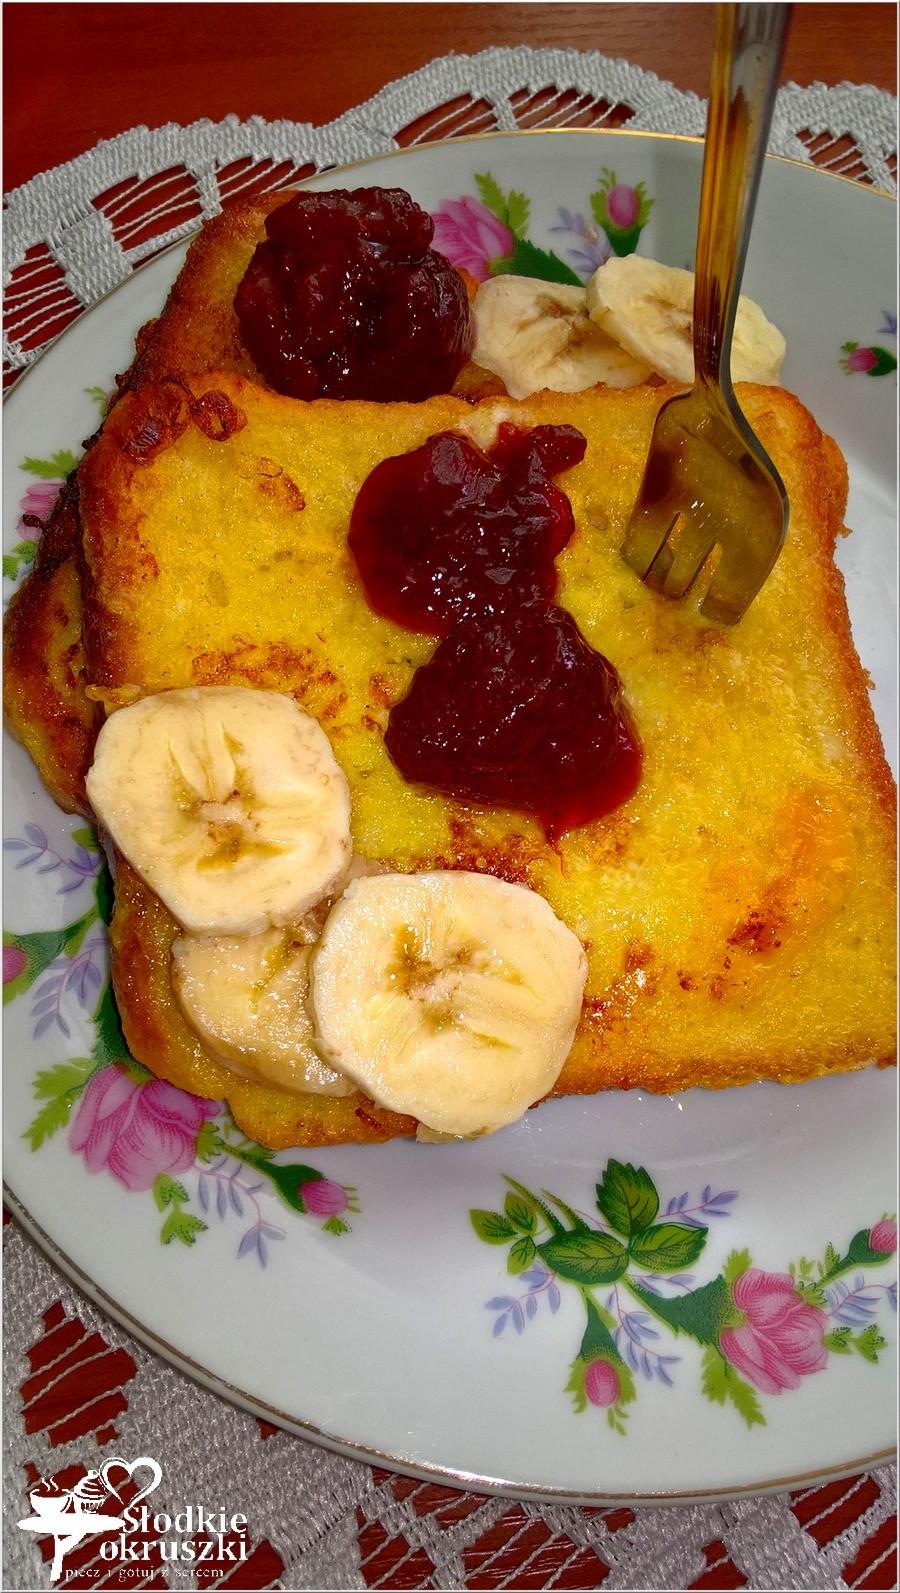 Szybkie, słodkie śniadanie. Francuskie tosty z dżemem i bananem